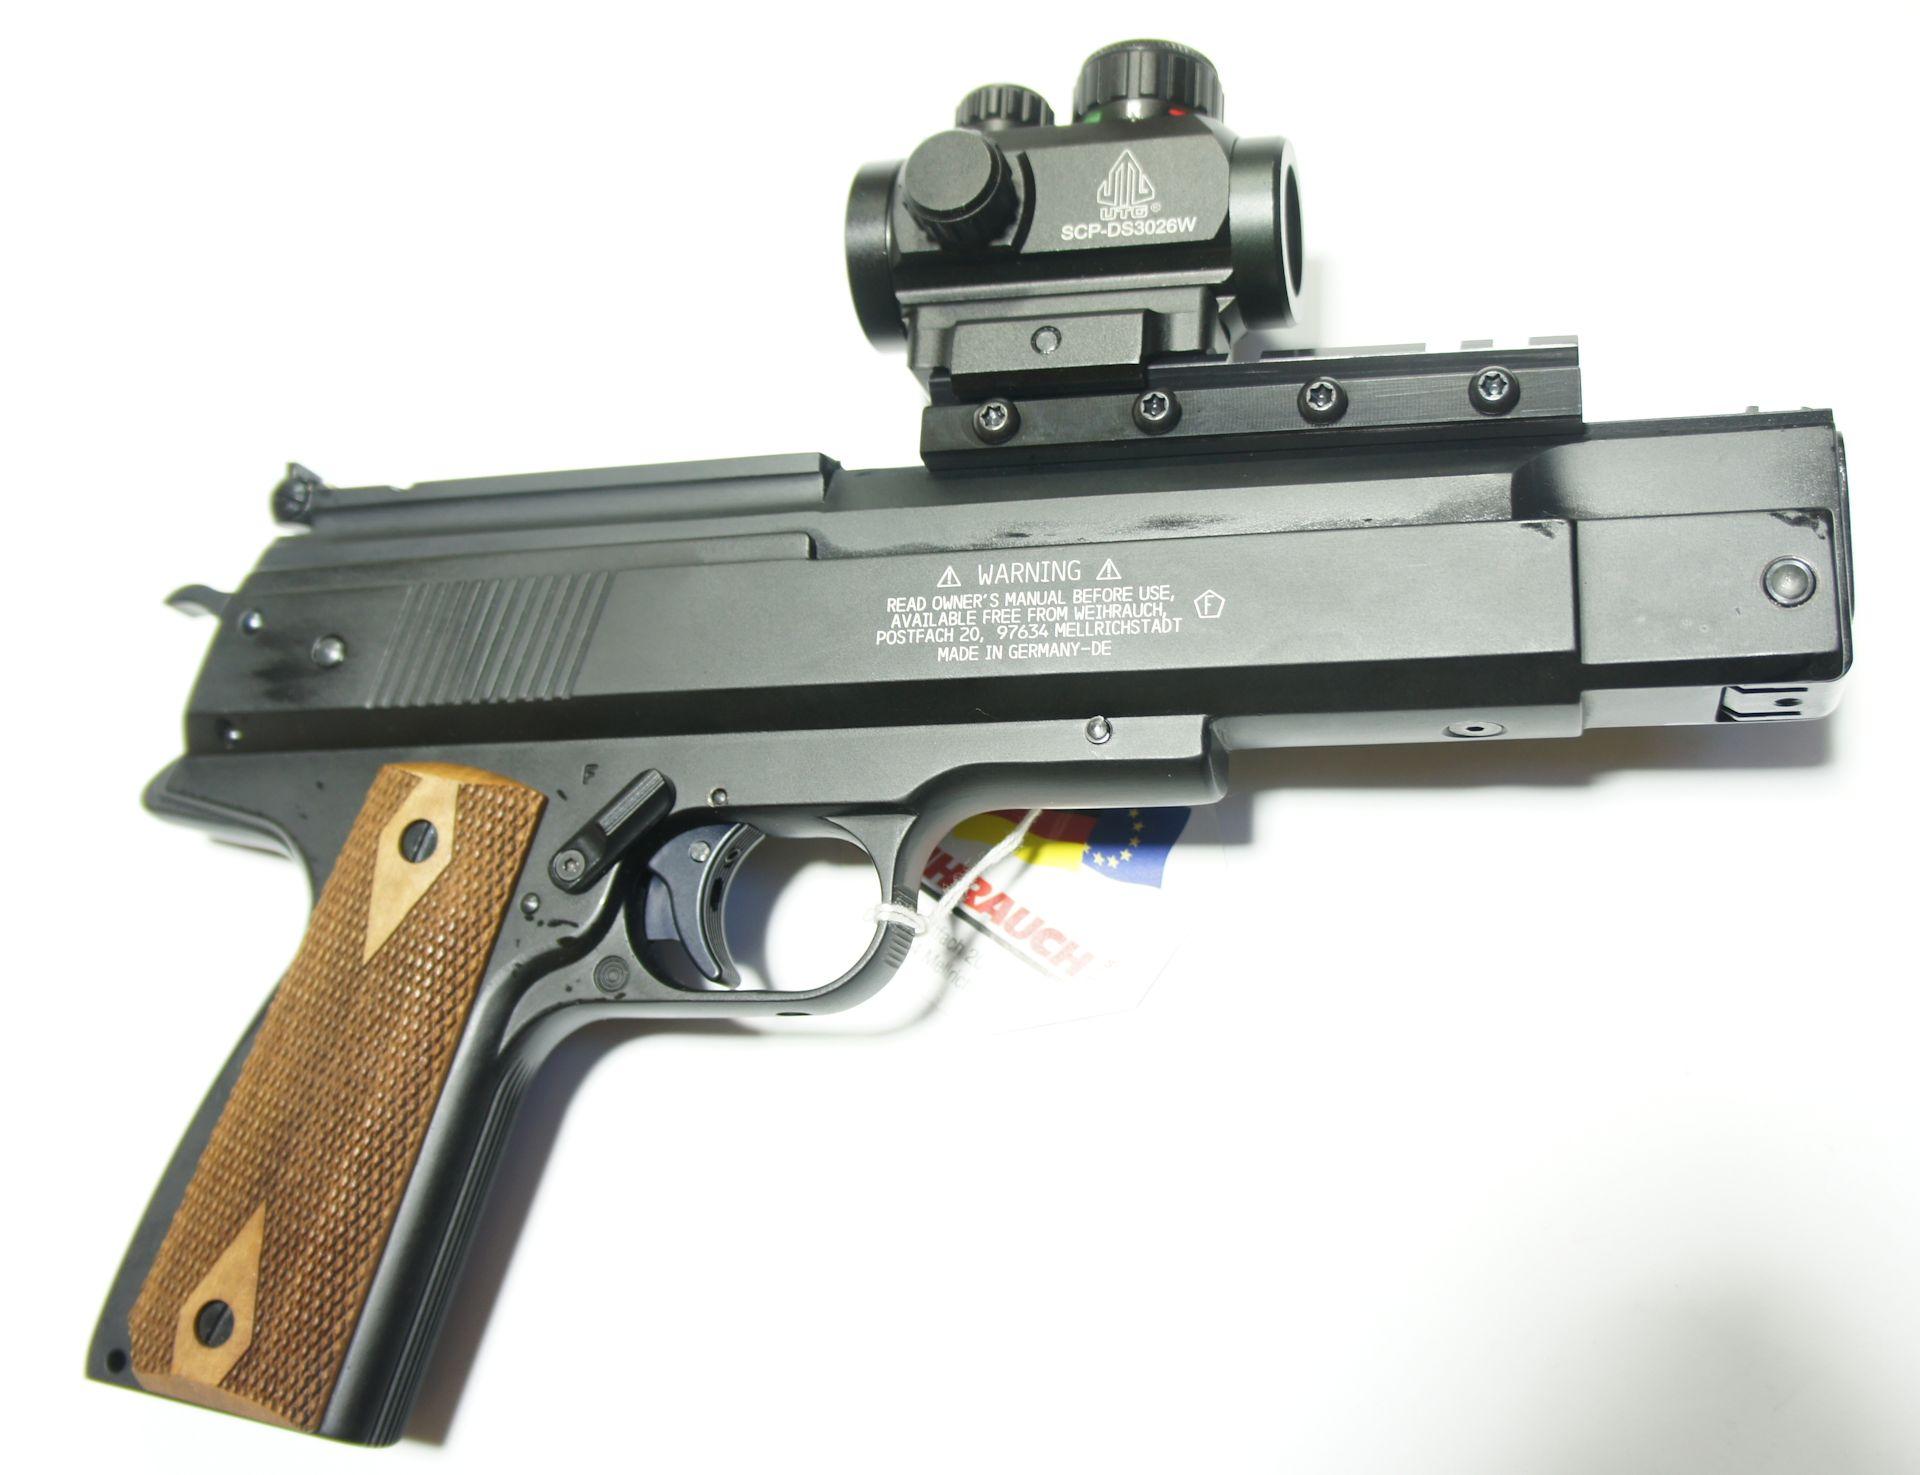 Montagebeispiel an der Luftpistole HW 45 / Die Adapterschiene ist mit M4 TORX- Schrauben ausgestattet